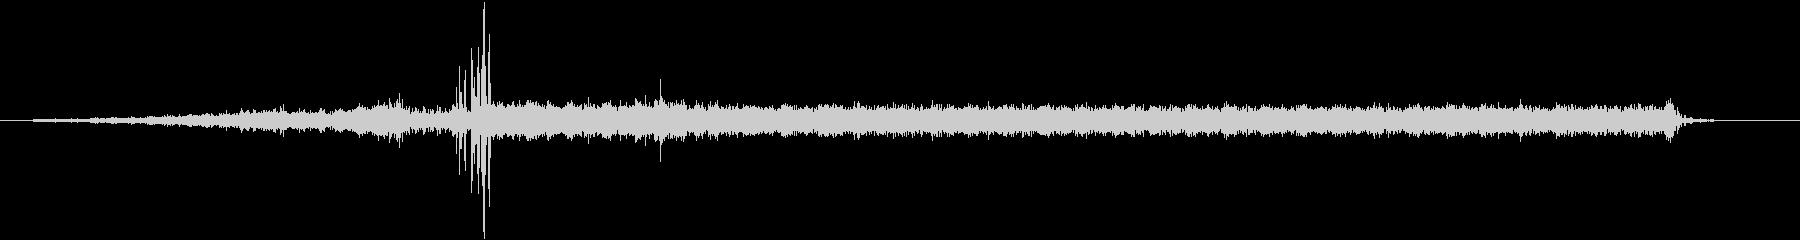 ダッジラムピックアップトラックV-...の未再生の波形